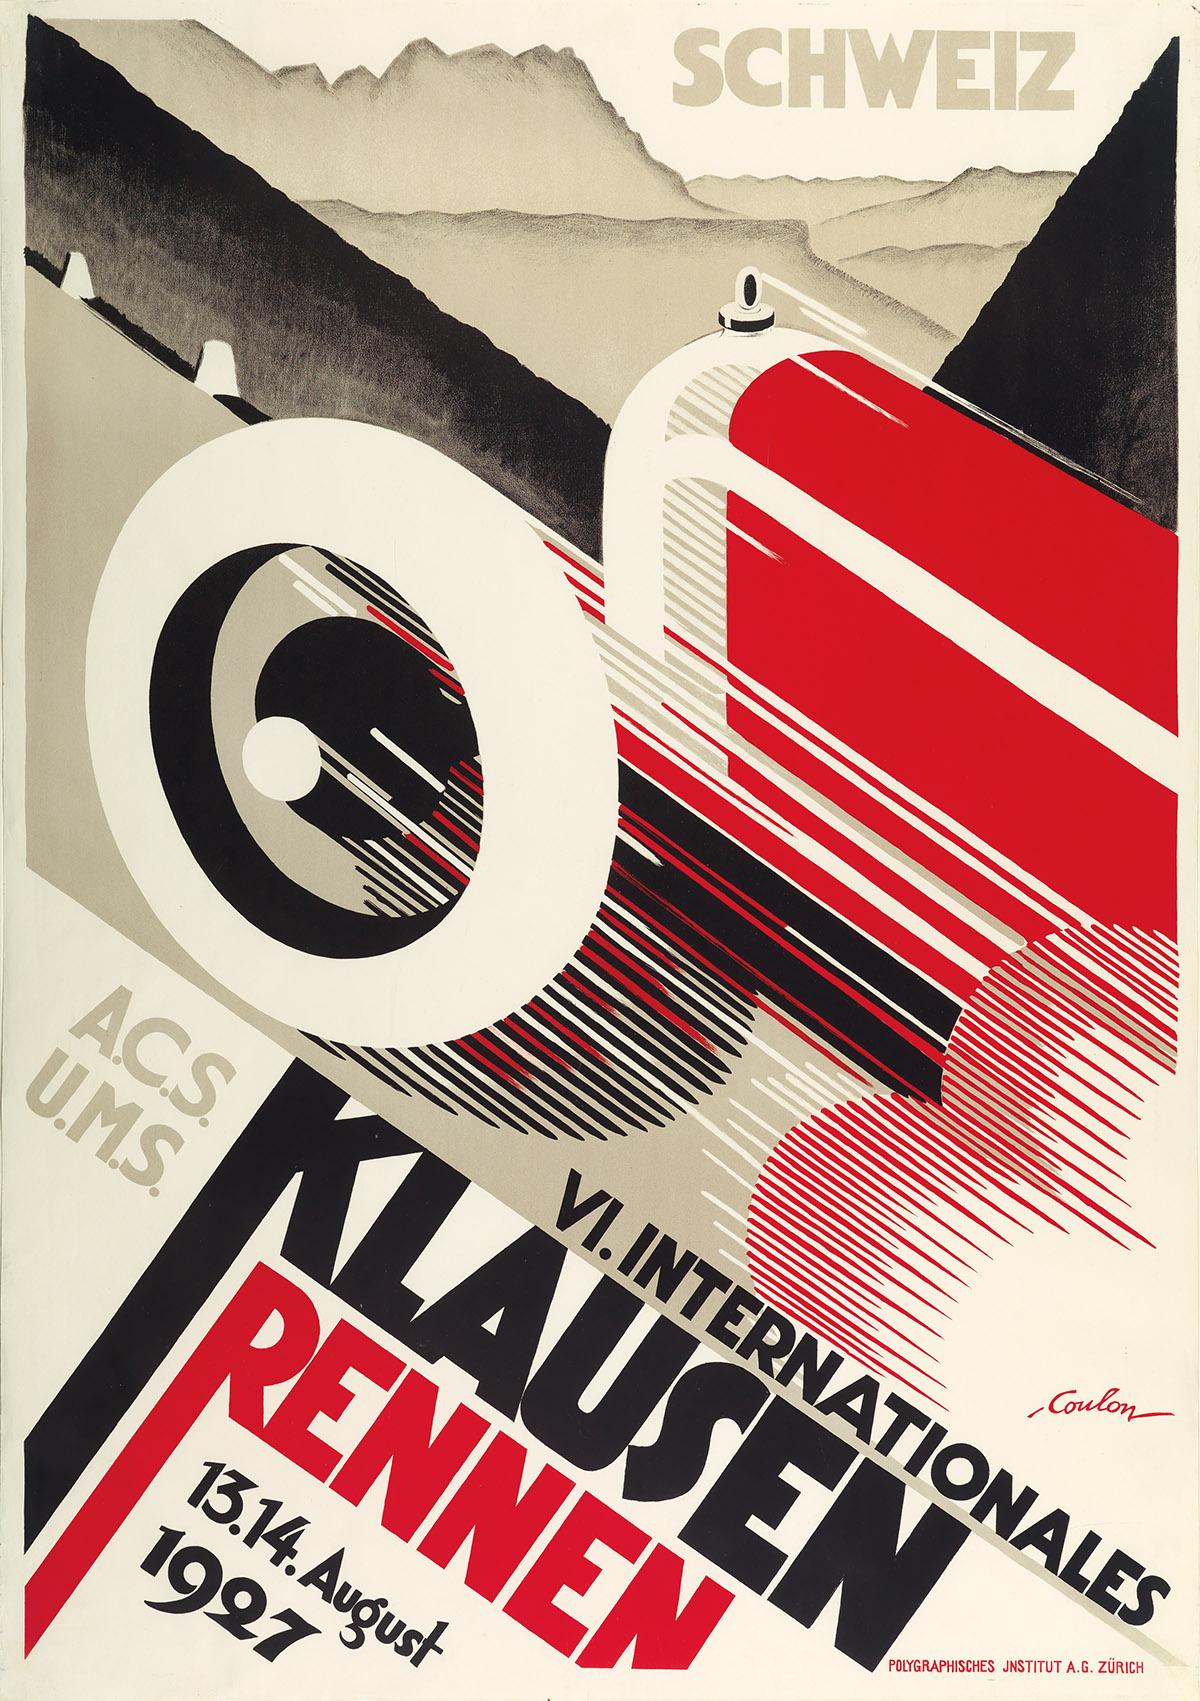 ERIC DE COULON (1888-1956). VI. INTERNATIONALES KLAUSEN RENNEN. 1927. 50x35 inches, 127x89 cm. Polygraphisches Institut, Zurich.